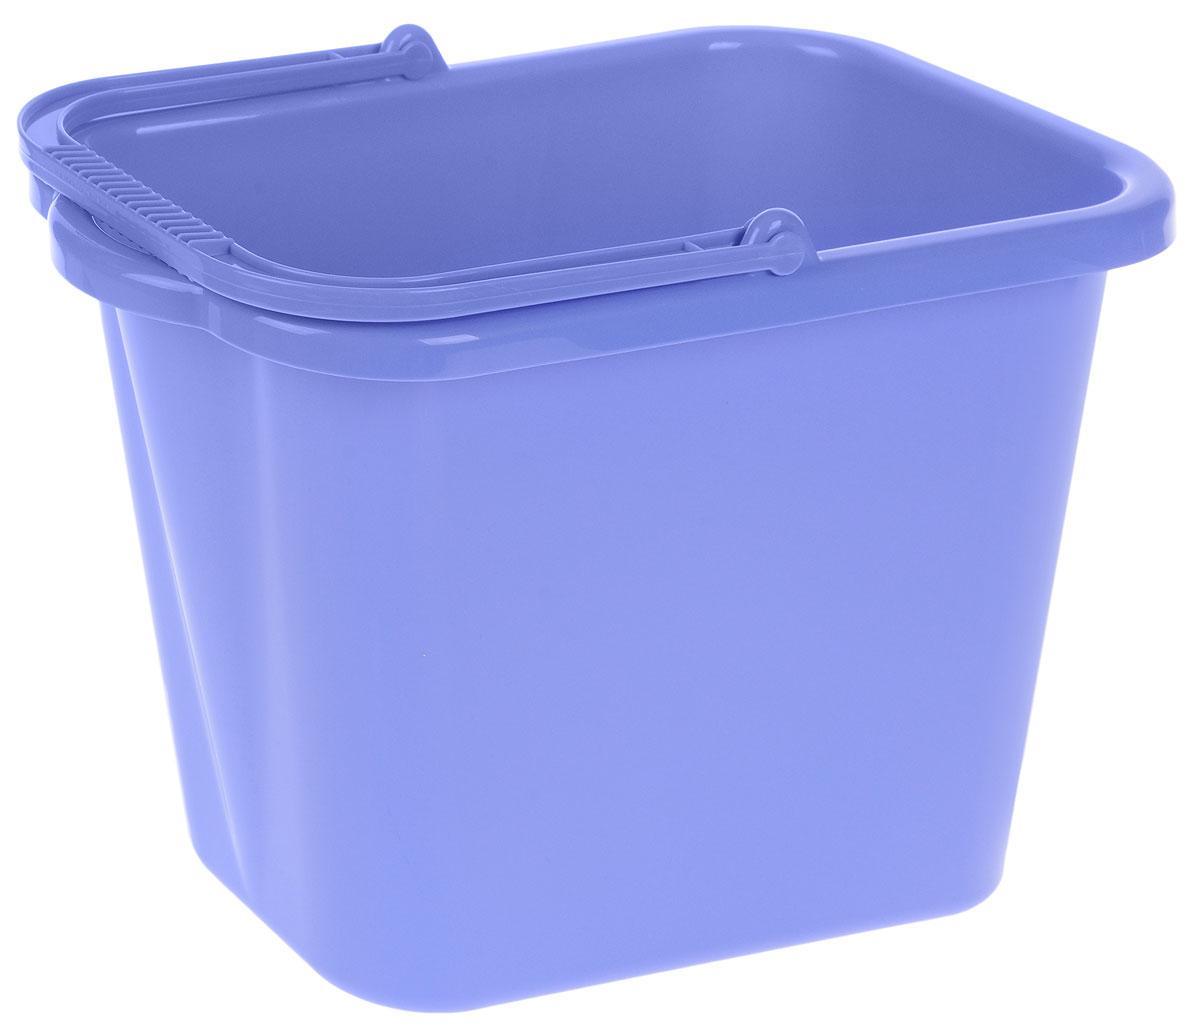 Ведро хозяйственное Idea, прямоугольное, цвет: сиреневый, 9,5 л4482Прямоугольное ведро Idea изготовлено из прочного пластика. Изделие порадует практичных хозяек. Ведро можно использовать для пищевых продуктов или для мытья полов. Для удобного использования ведро имеет пластиковую ручку и носик для выливания воды. Размер ведра (по верхнему краю): 36 х 21,5 см.Высота стенки: 25 см.